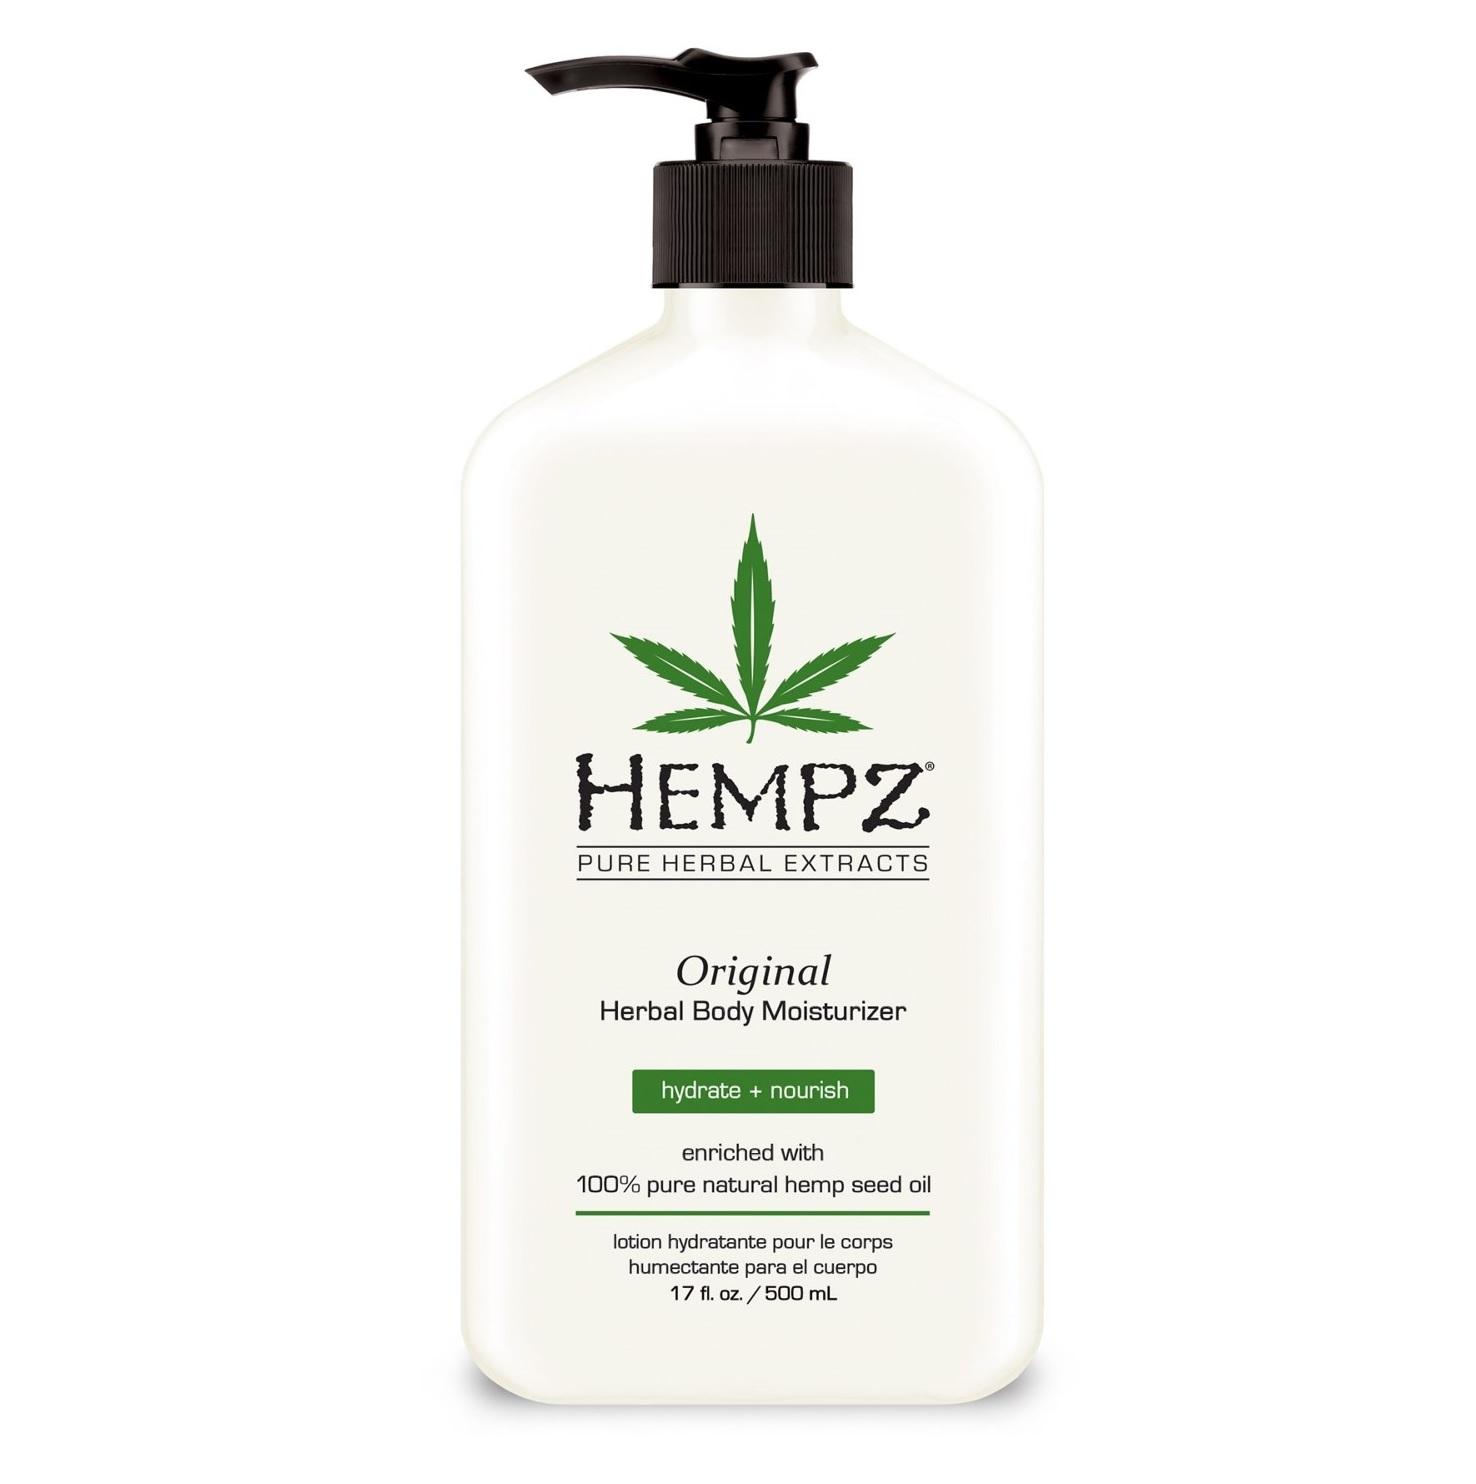 Hempz Original Herbal Body Moisturizer es un humectante para el cuerpo enriquecido en un 100% con aceite de semilla de cáñamo orgánico puro y mezclado con extractos naturales para proporcionar hidratación y nutrición a la piel. (Suministrada)